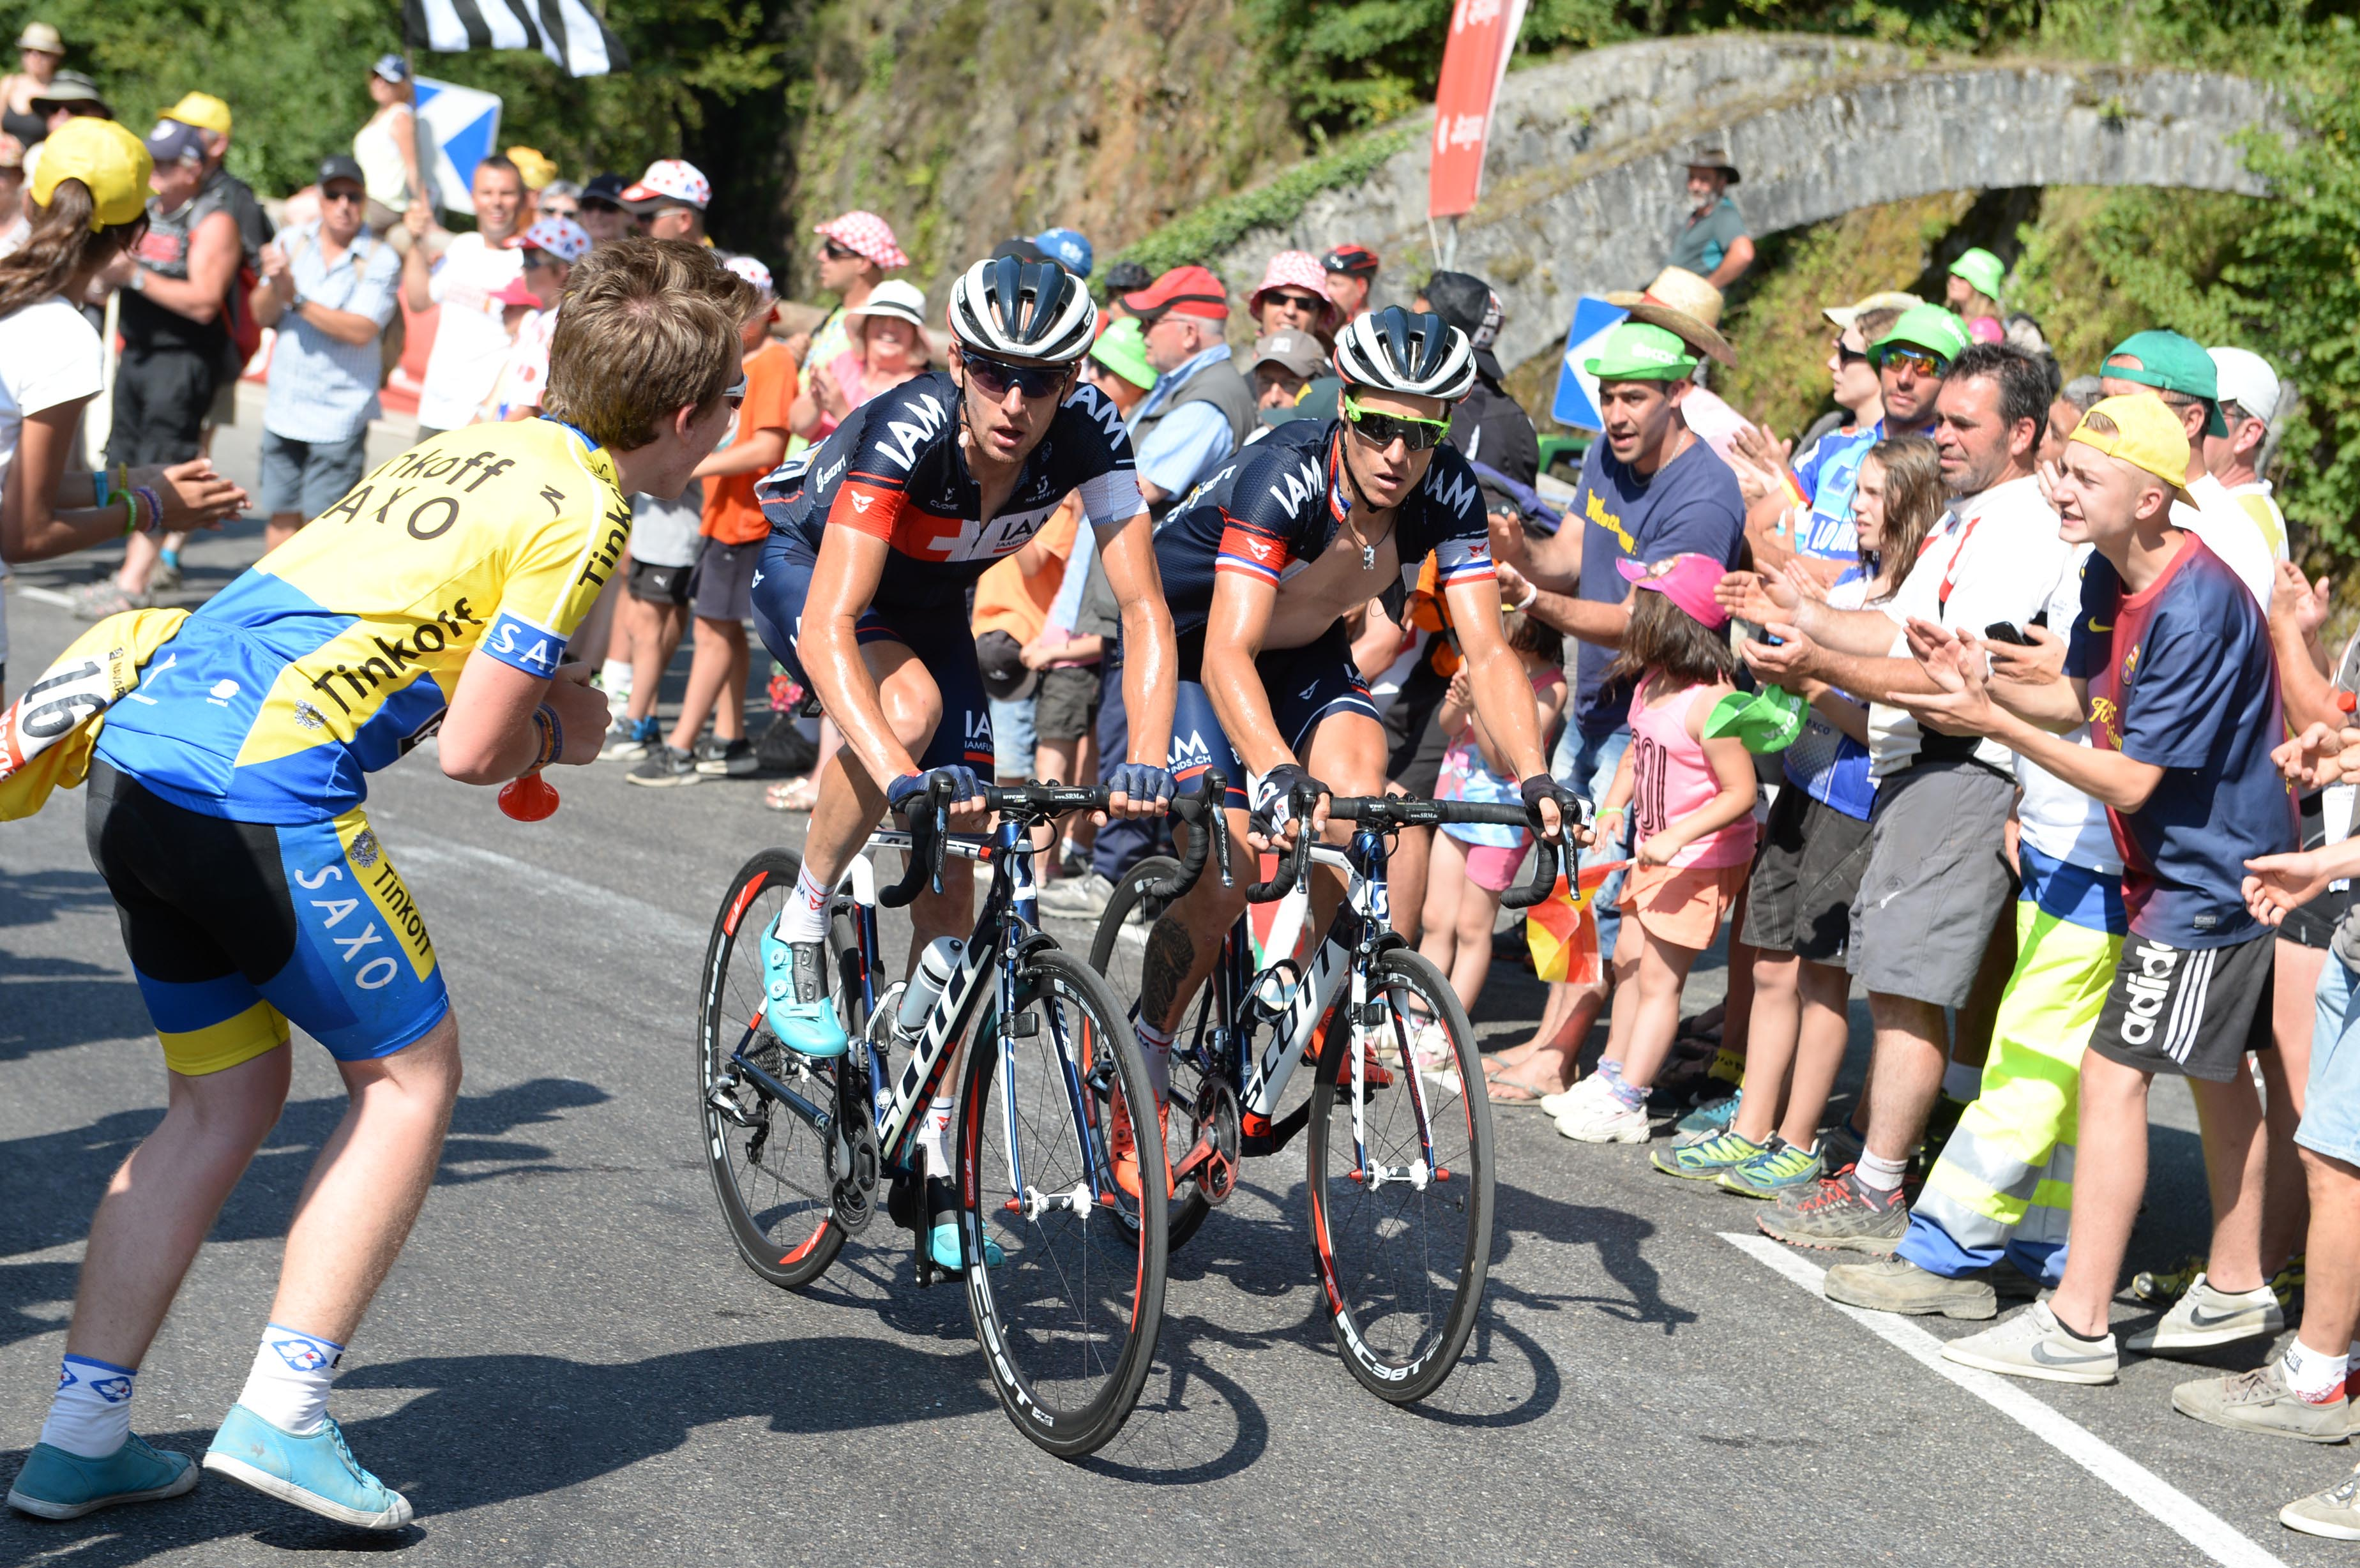 Tour de France 2015 - 11. Etappe - Sylvain Chavanel und Stef Clement.